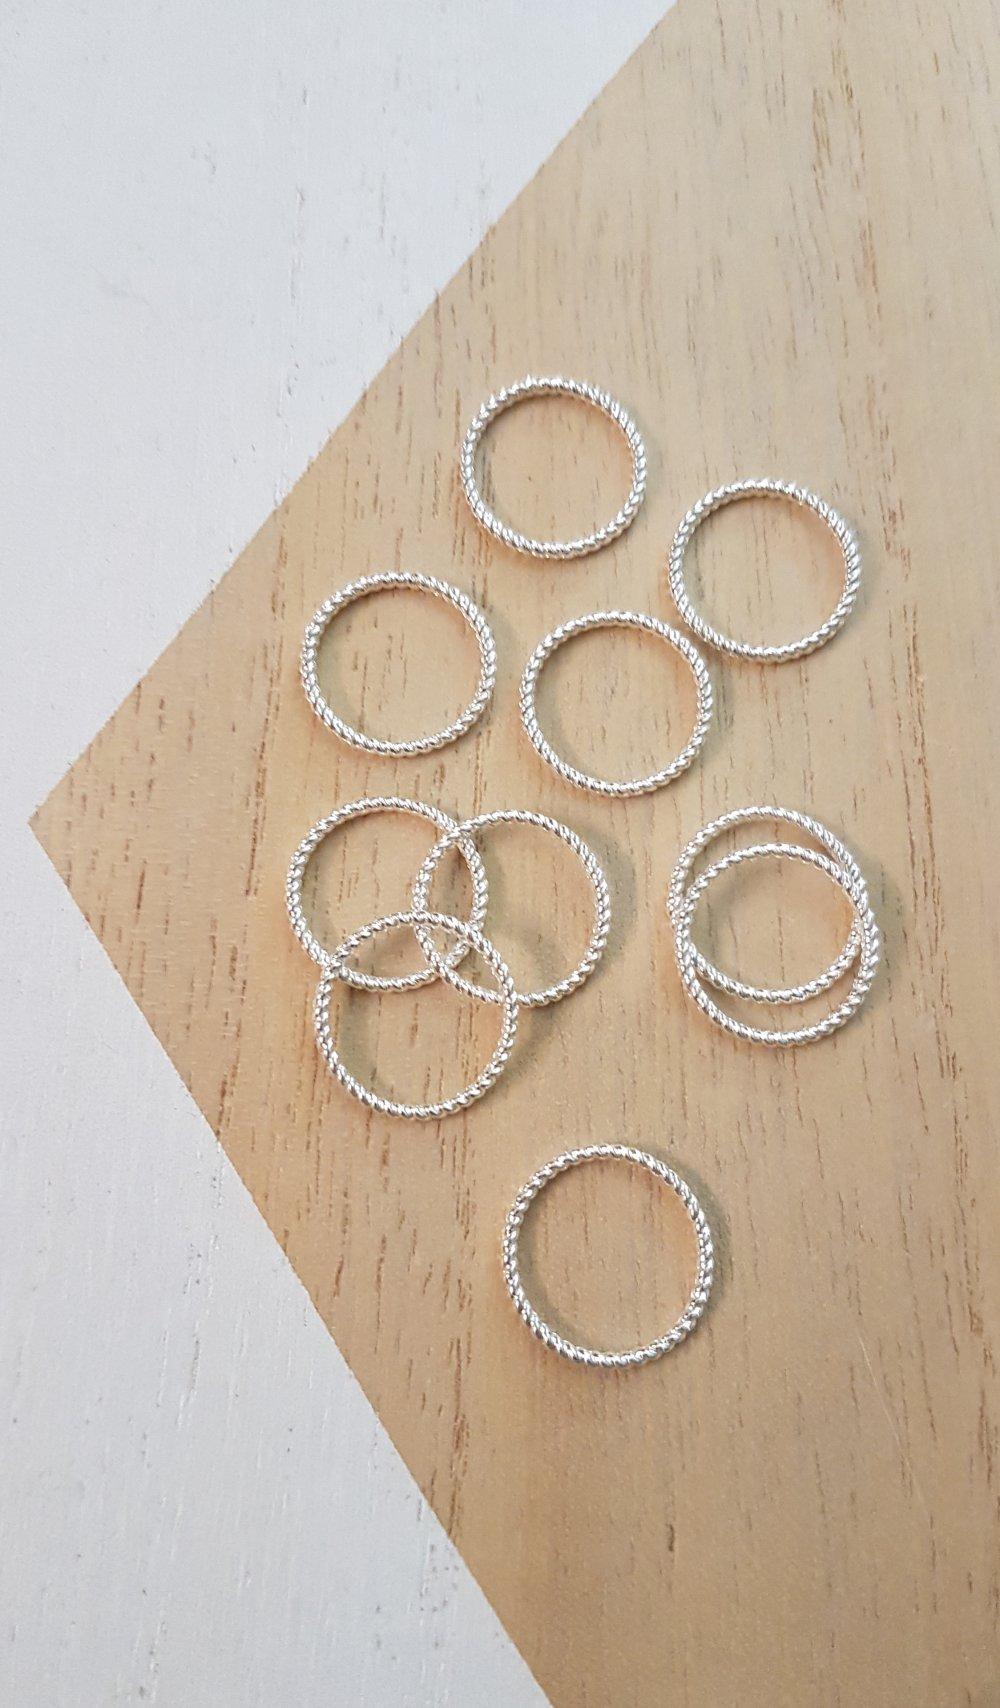 10 anneaux connecteurs argent 18mm, anneaux argent